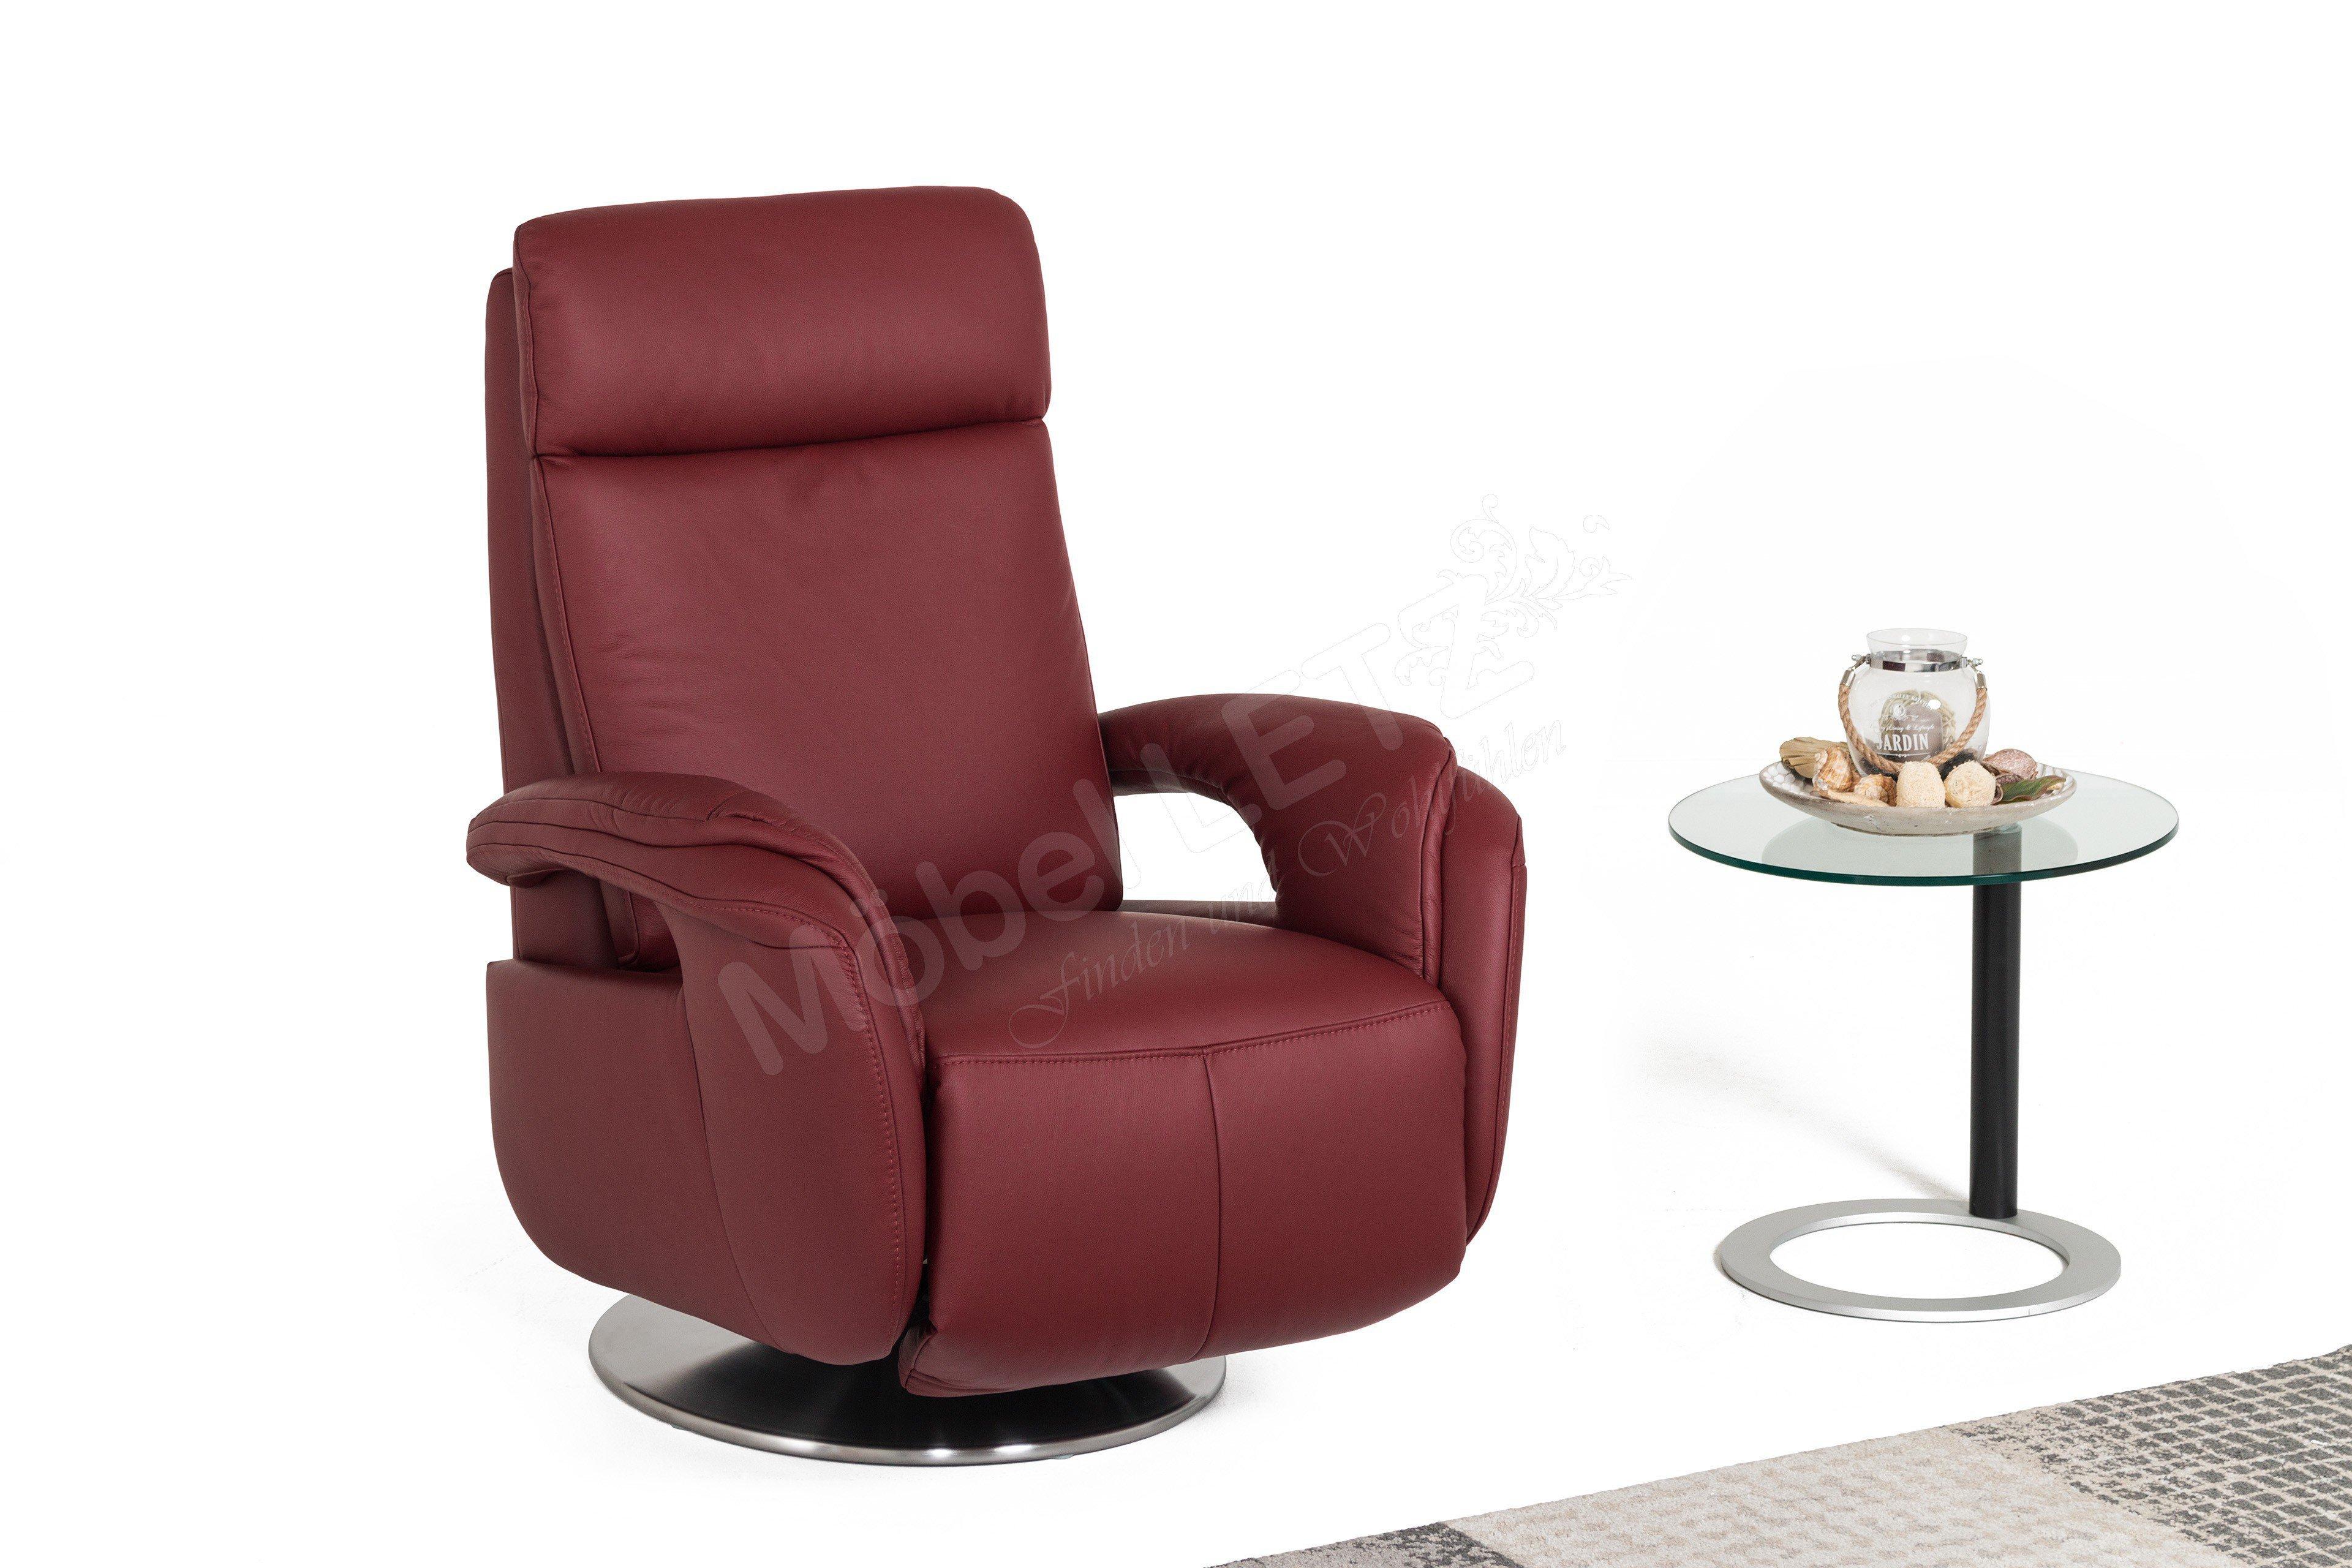 polinova my style l tv sessel weinrot m bel letz ihr online shop. Black Bedroom Furniture Sets. Home Design Ideas